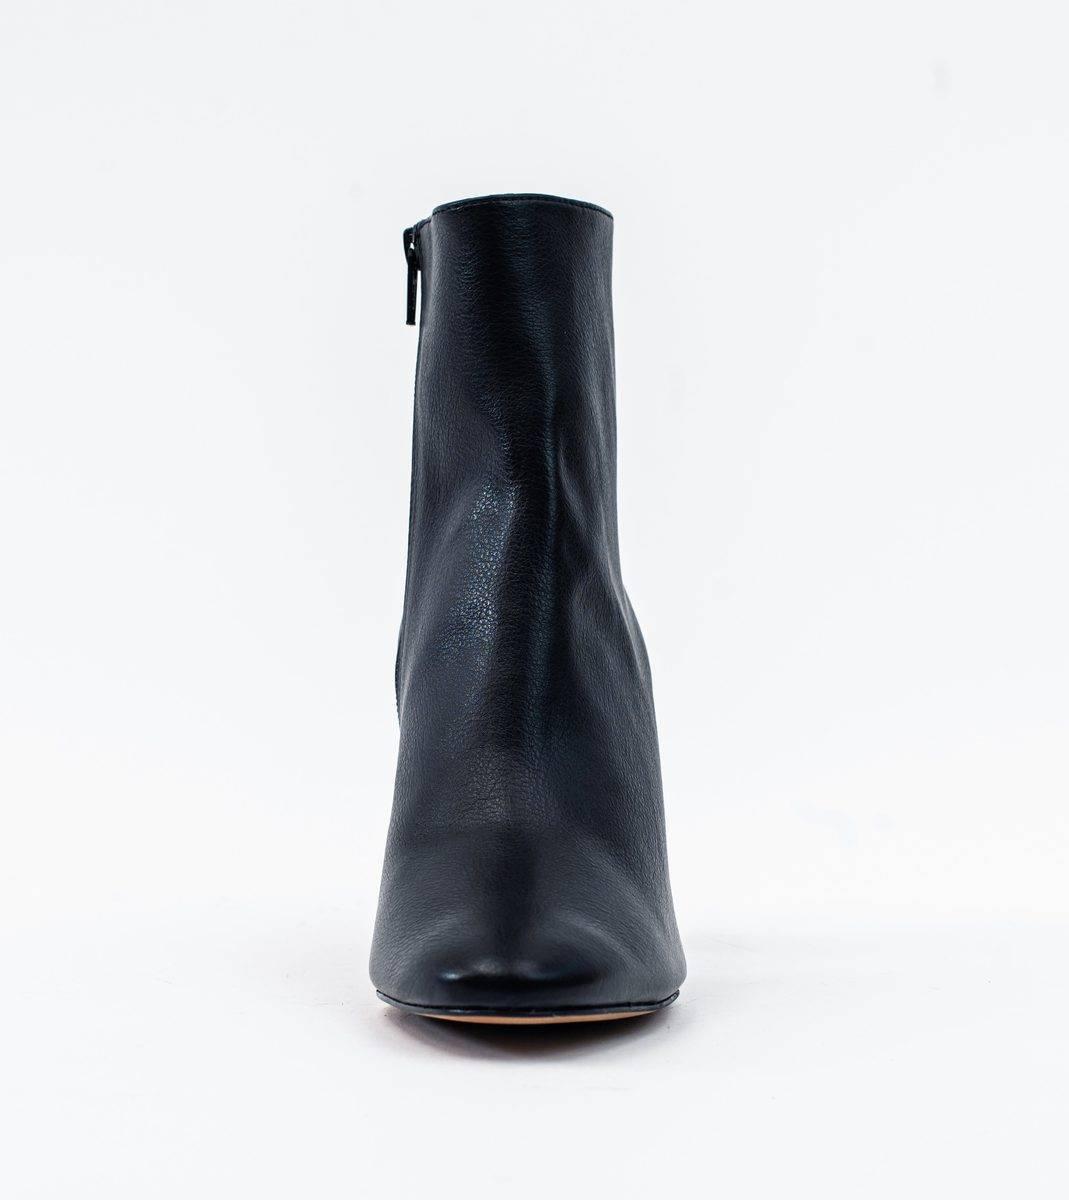 Allkind Isabella Black Vegan Grain Leather Heeled Ankle Boot